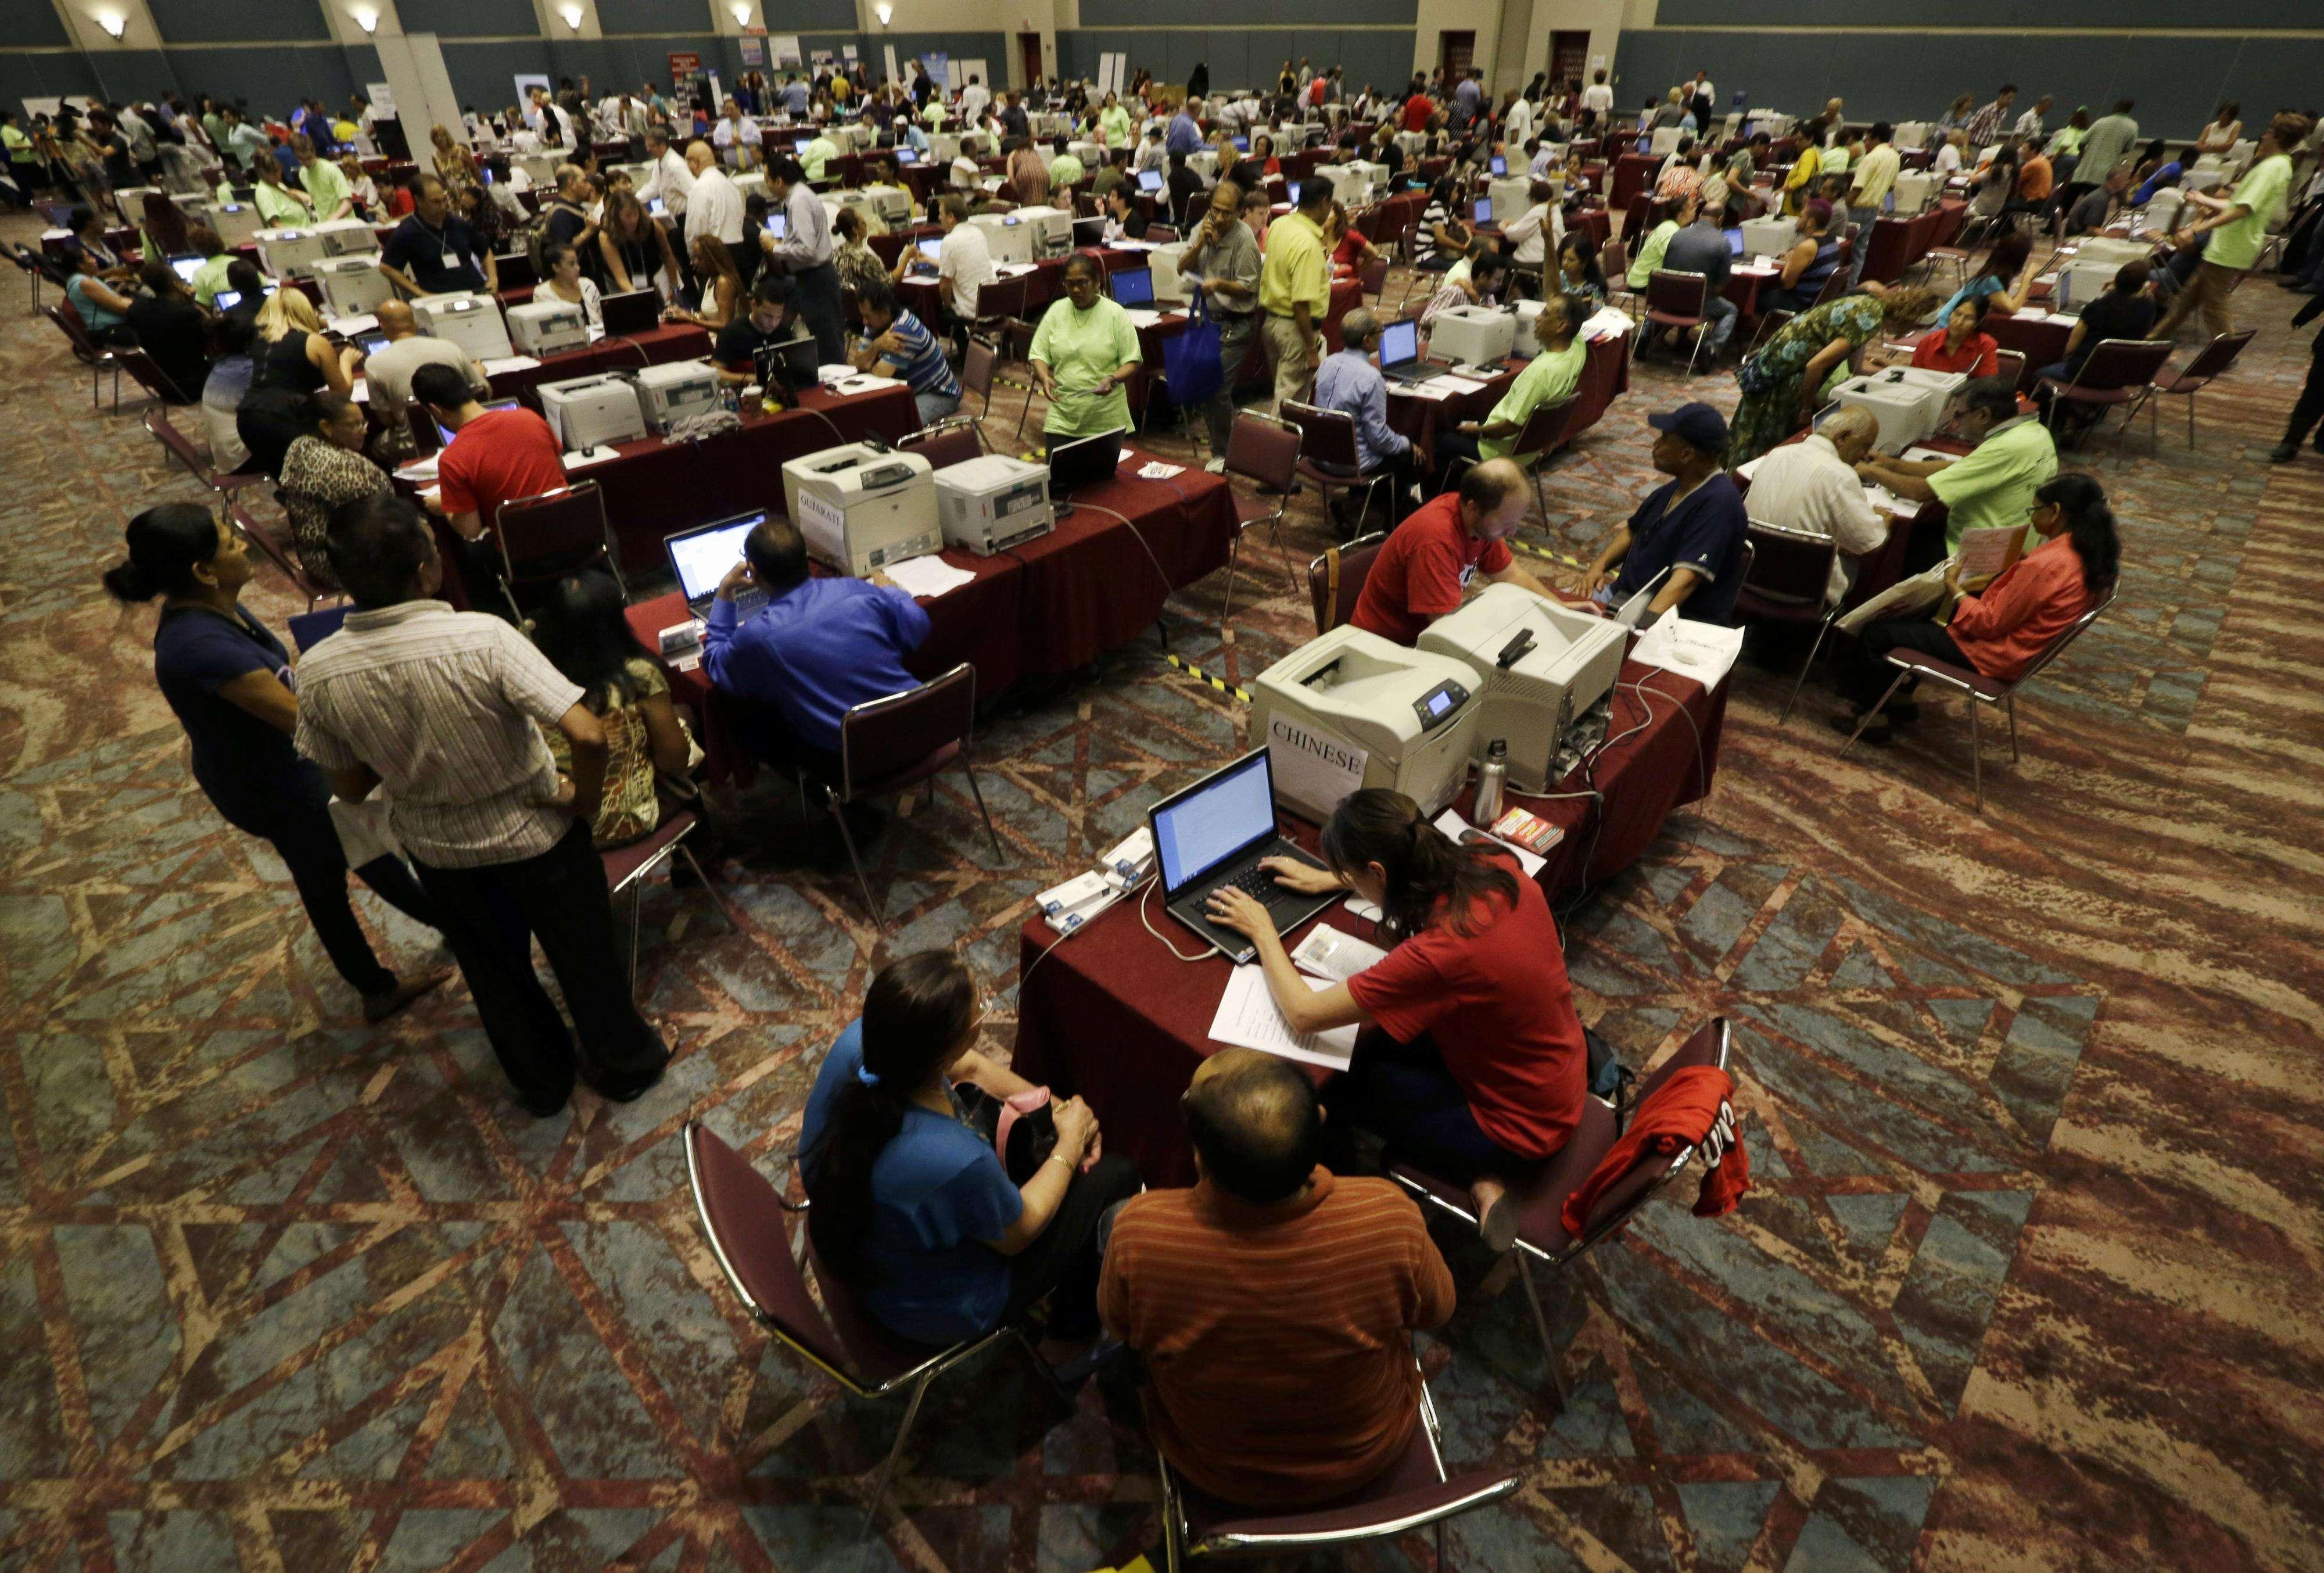 En esta imagen de archivo del 3 de septiembre de 2014, varias personas llenan solicitudes para subsidio gubernamental por desempleo en una sala del Centro de Convenciones de Atlantic City, Nueva Jersey. Foto: AP en español